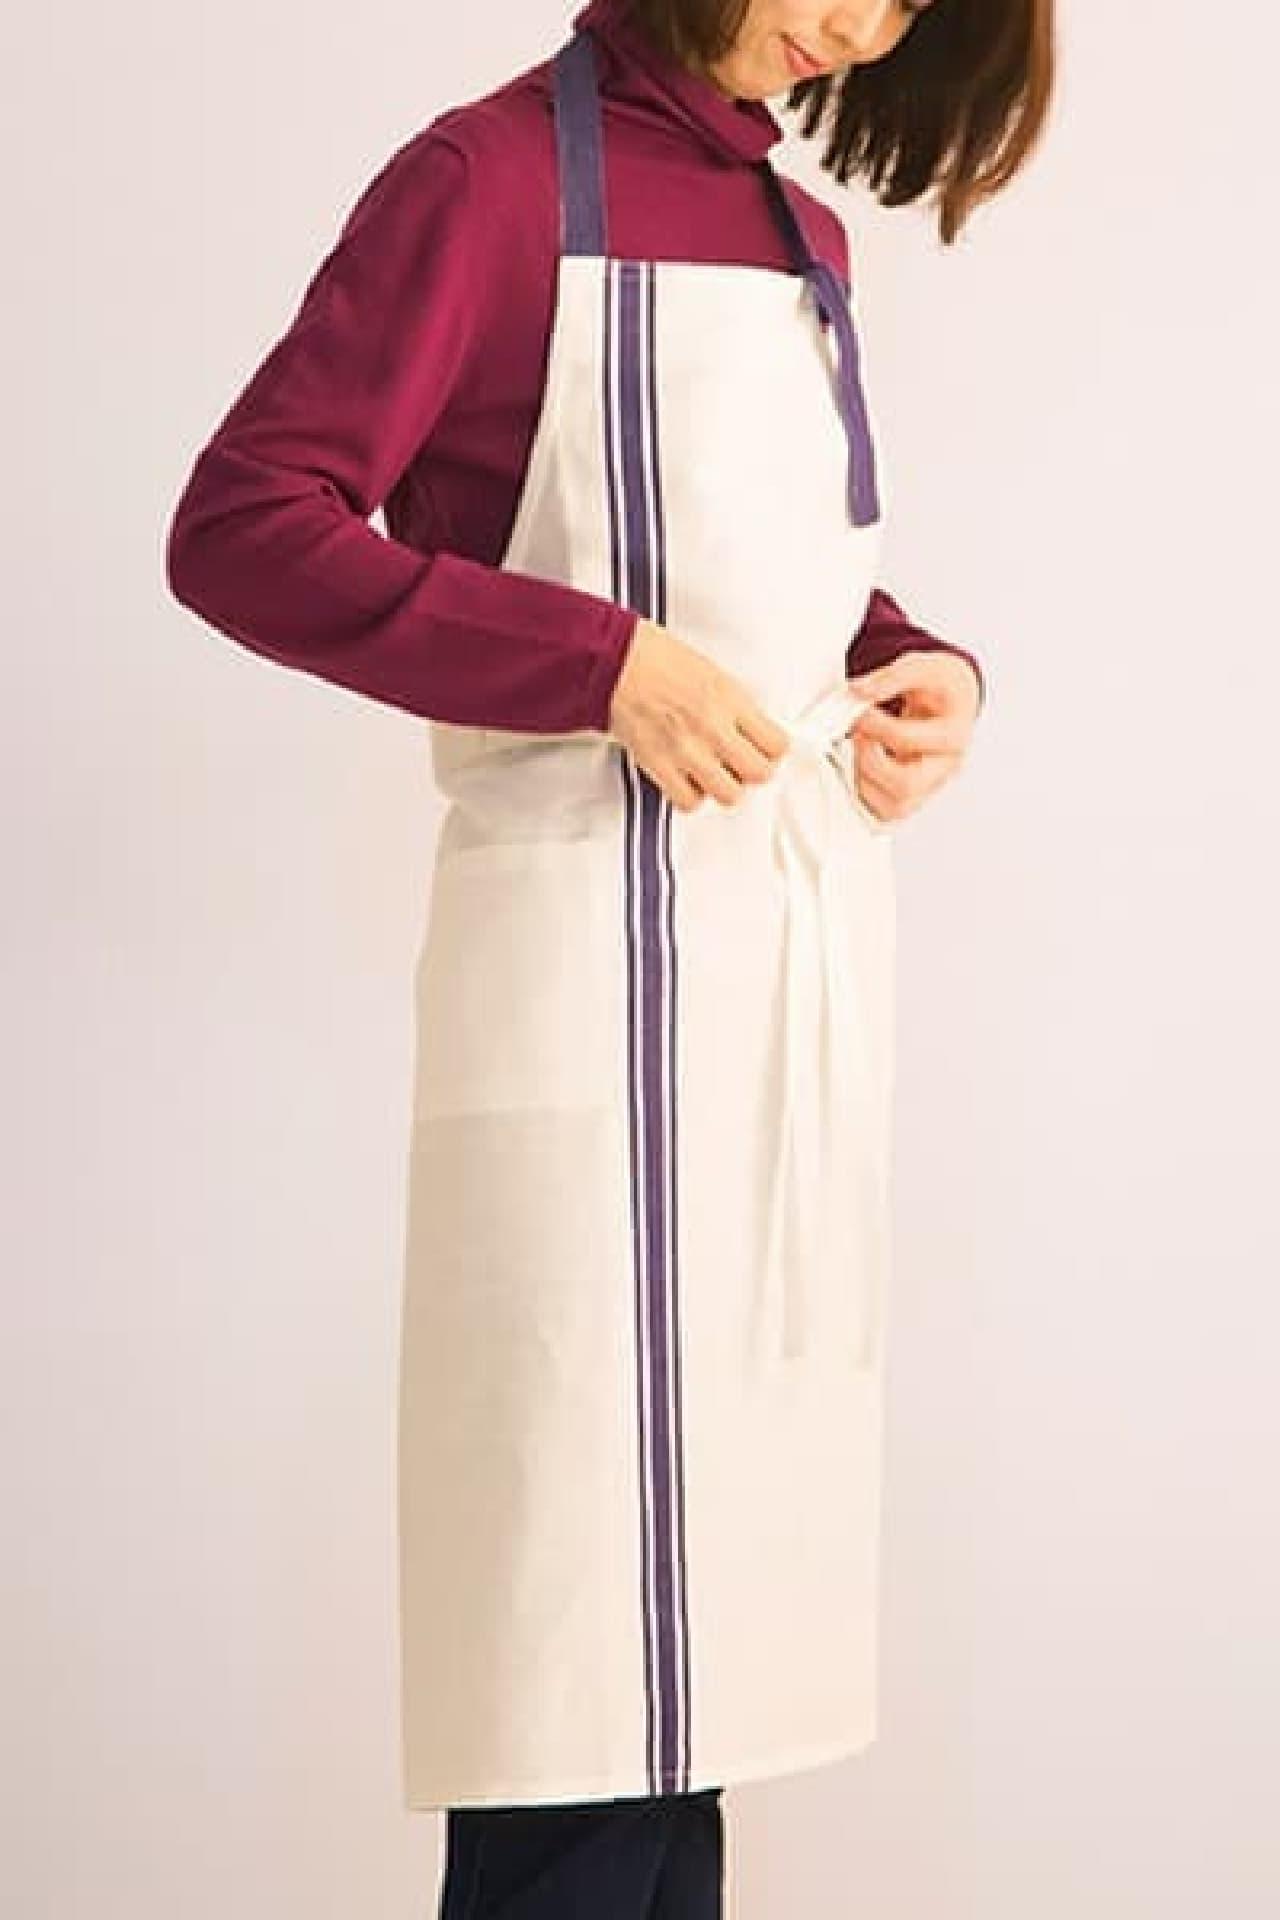 栗原はるみさんの生活雑貨ブランド『share with Kurihara harumi』の土鍋やボウル、ランチョンマット